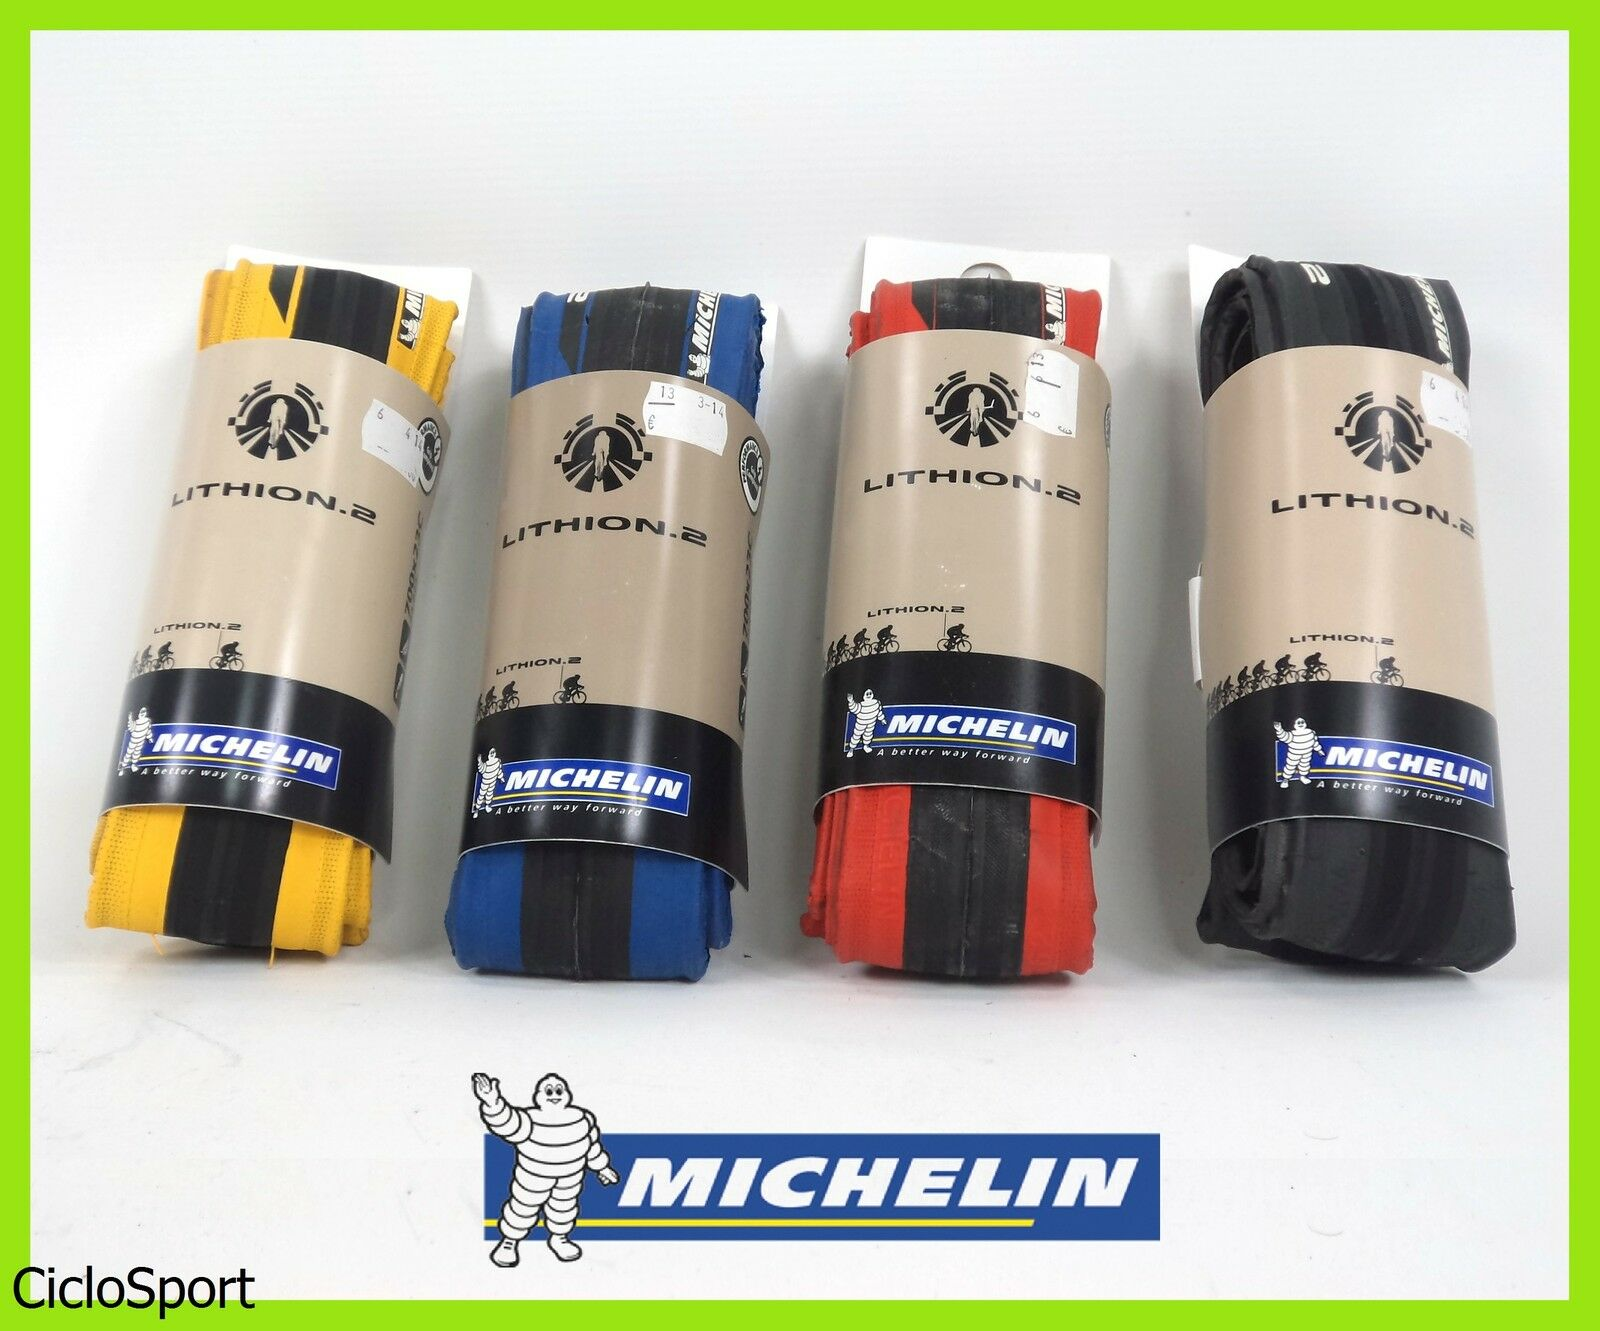 Michelin Lithion 2 tyre foldable 700x23C 23-622 - Choose Colour